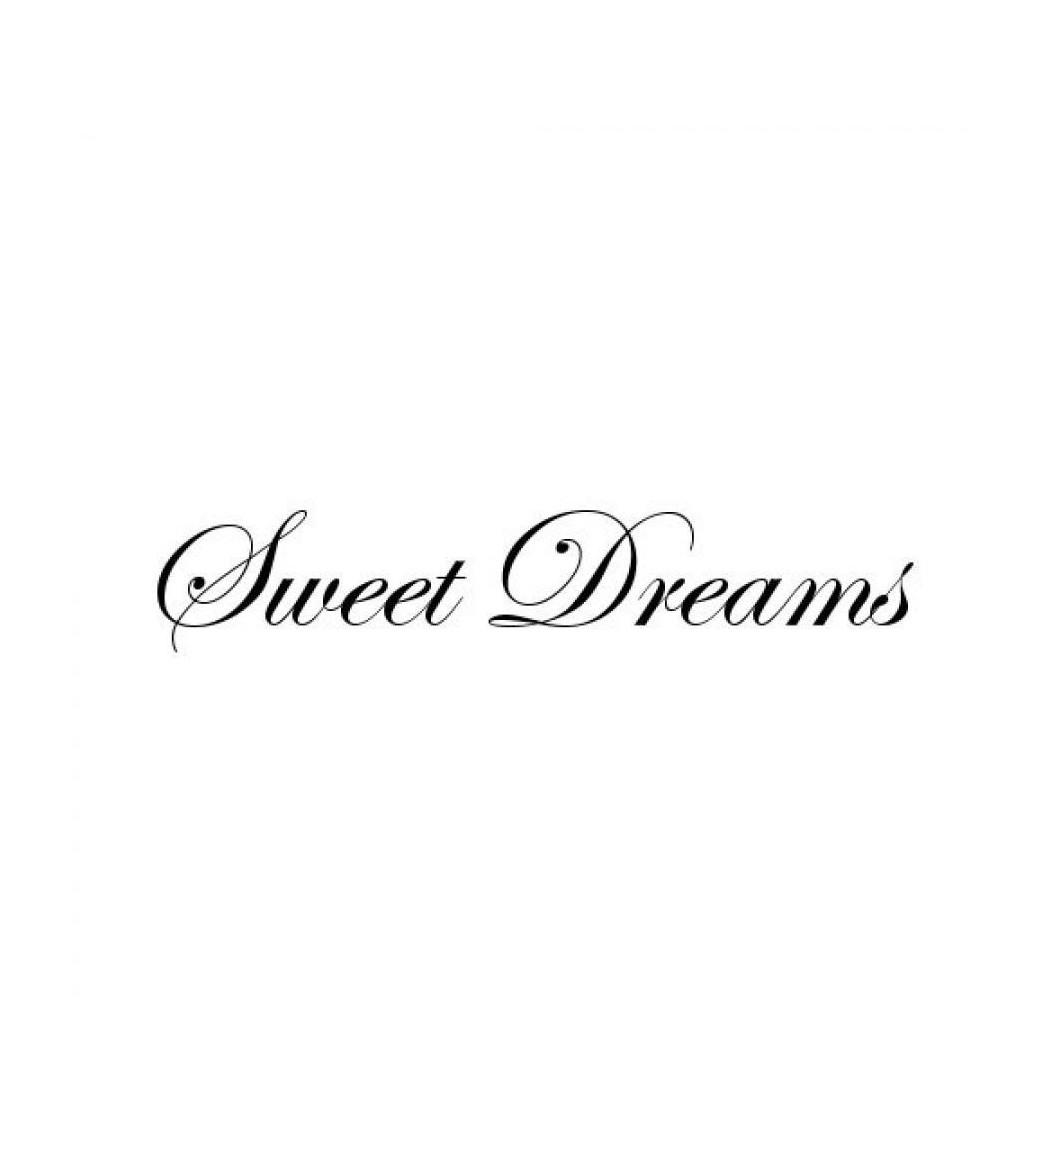 Wallsticker Sweet dreams 10x54 cm.  - 1